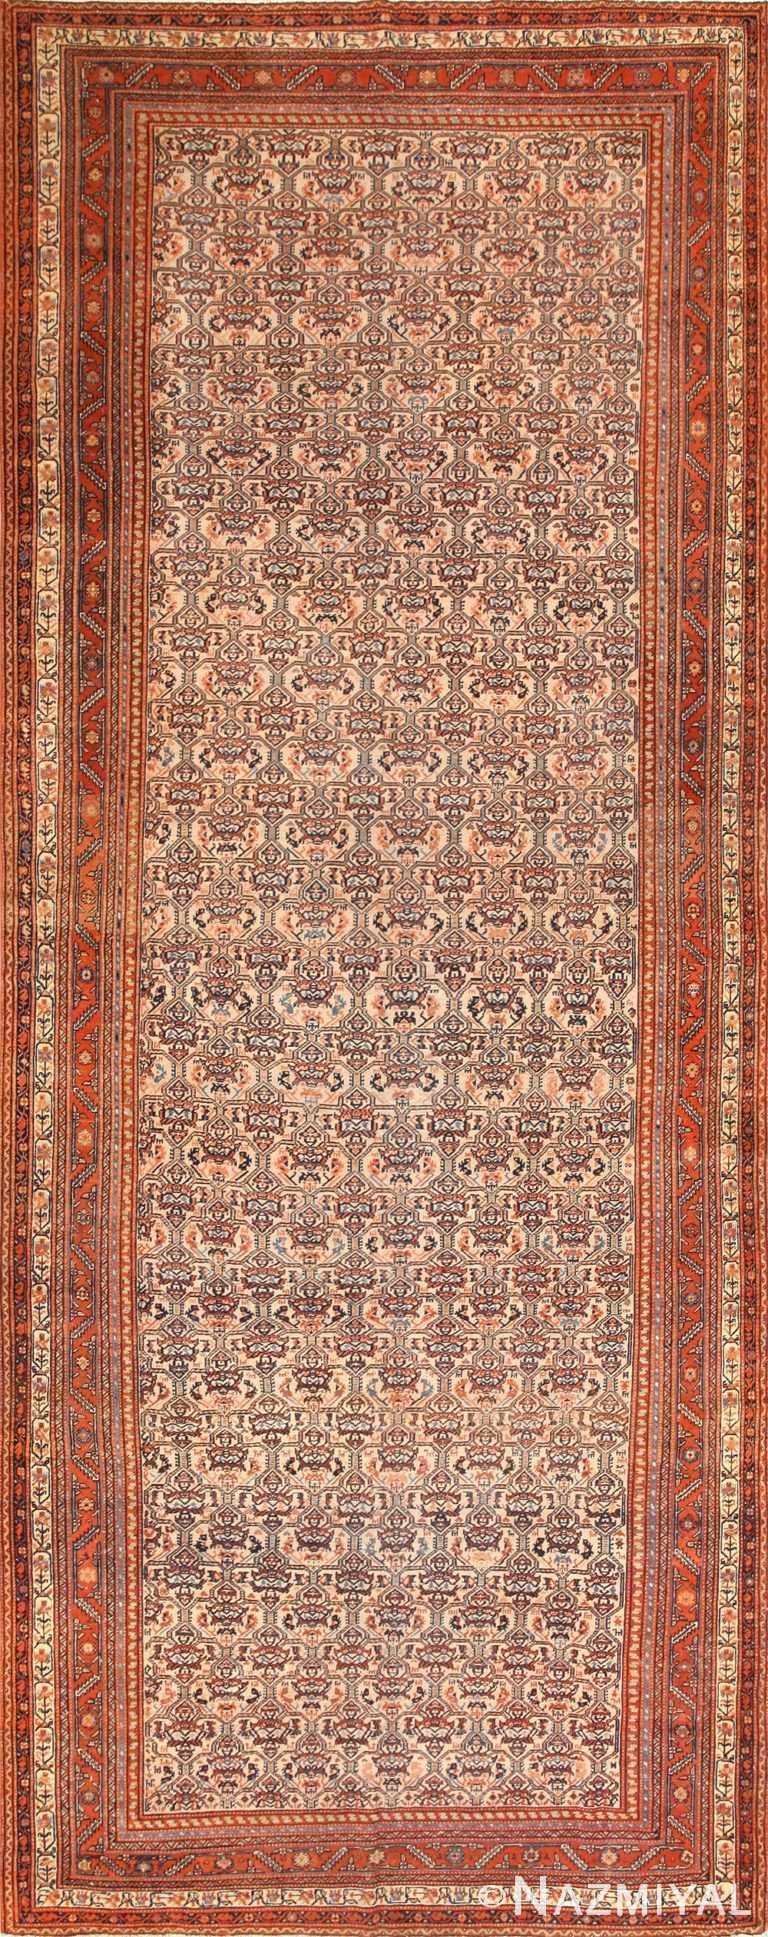 Antique Persian Farahan Runner Rug 50446 Nazmiyal